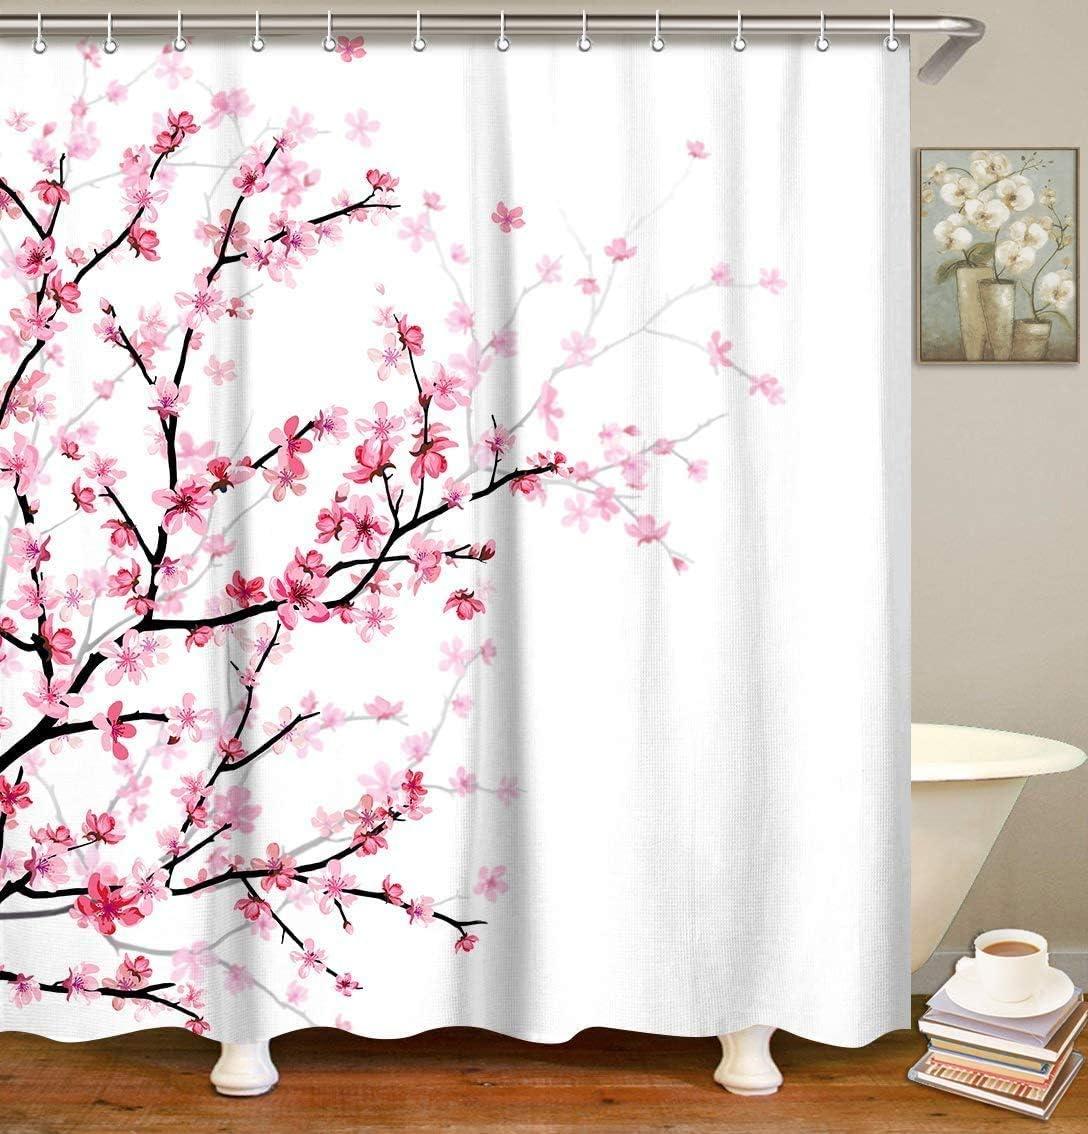 LIVILAN color rosa lavable a m/áquina con 12 ganchos decoraci/ón de ba/ño 183 x 198 cm Cortina de ba/ño con flores de cerezo y flores color blanco